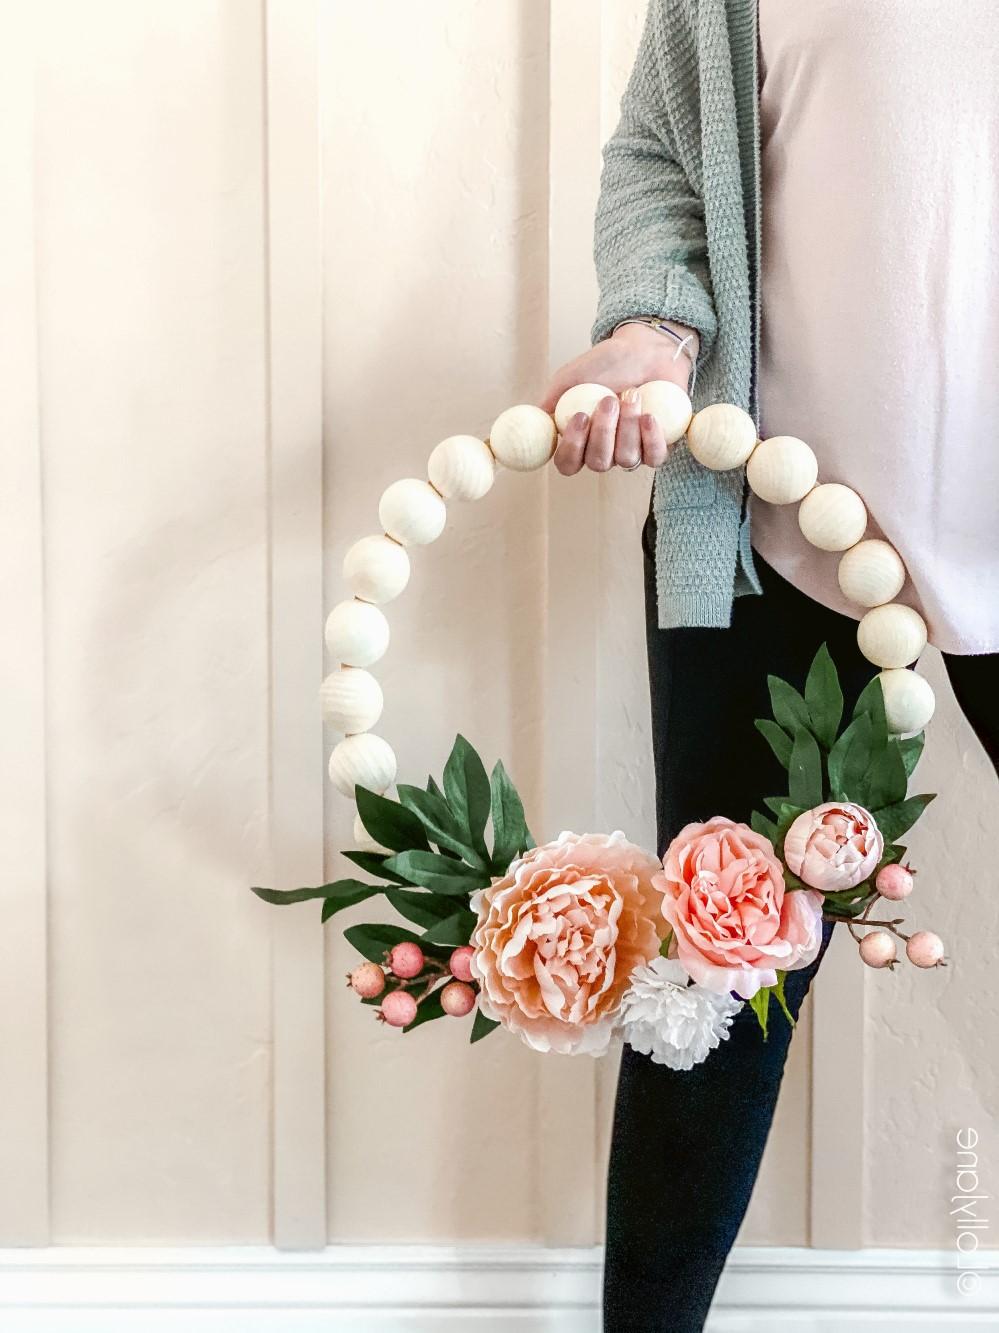 Bricolage maison sur Pinterest: Couronne de fleurs artificielles.